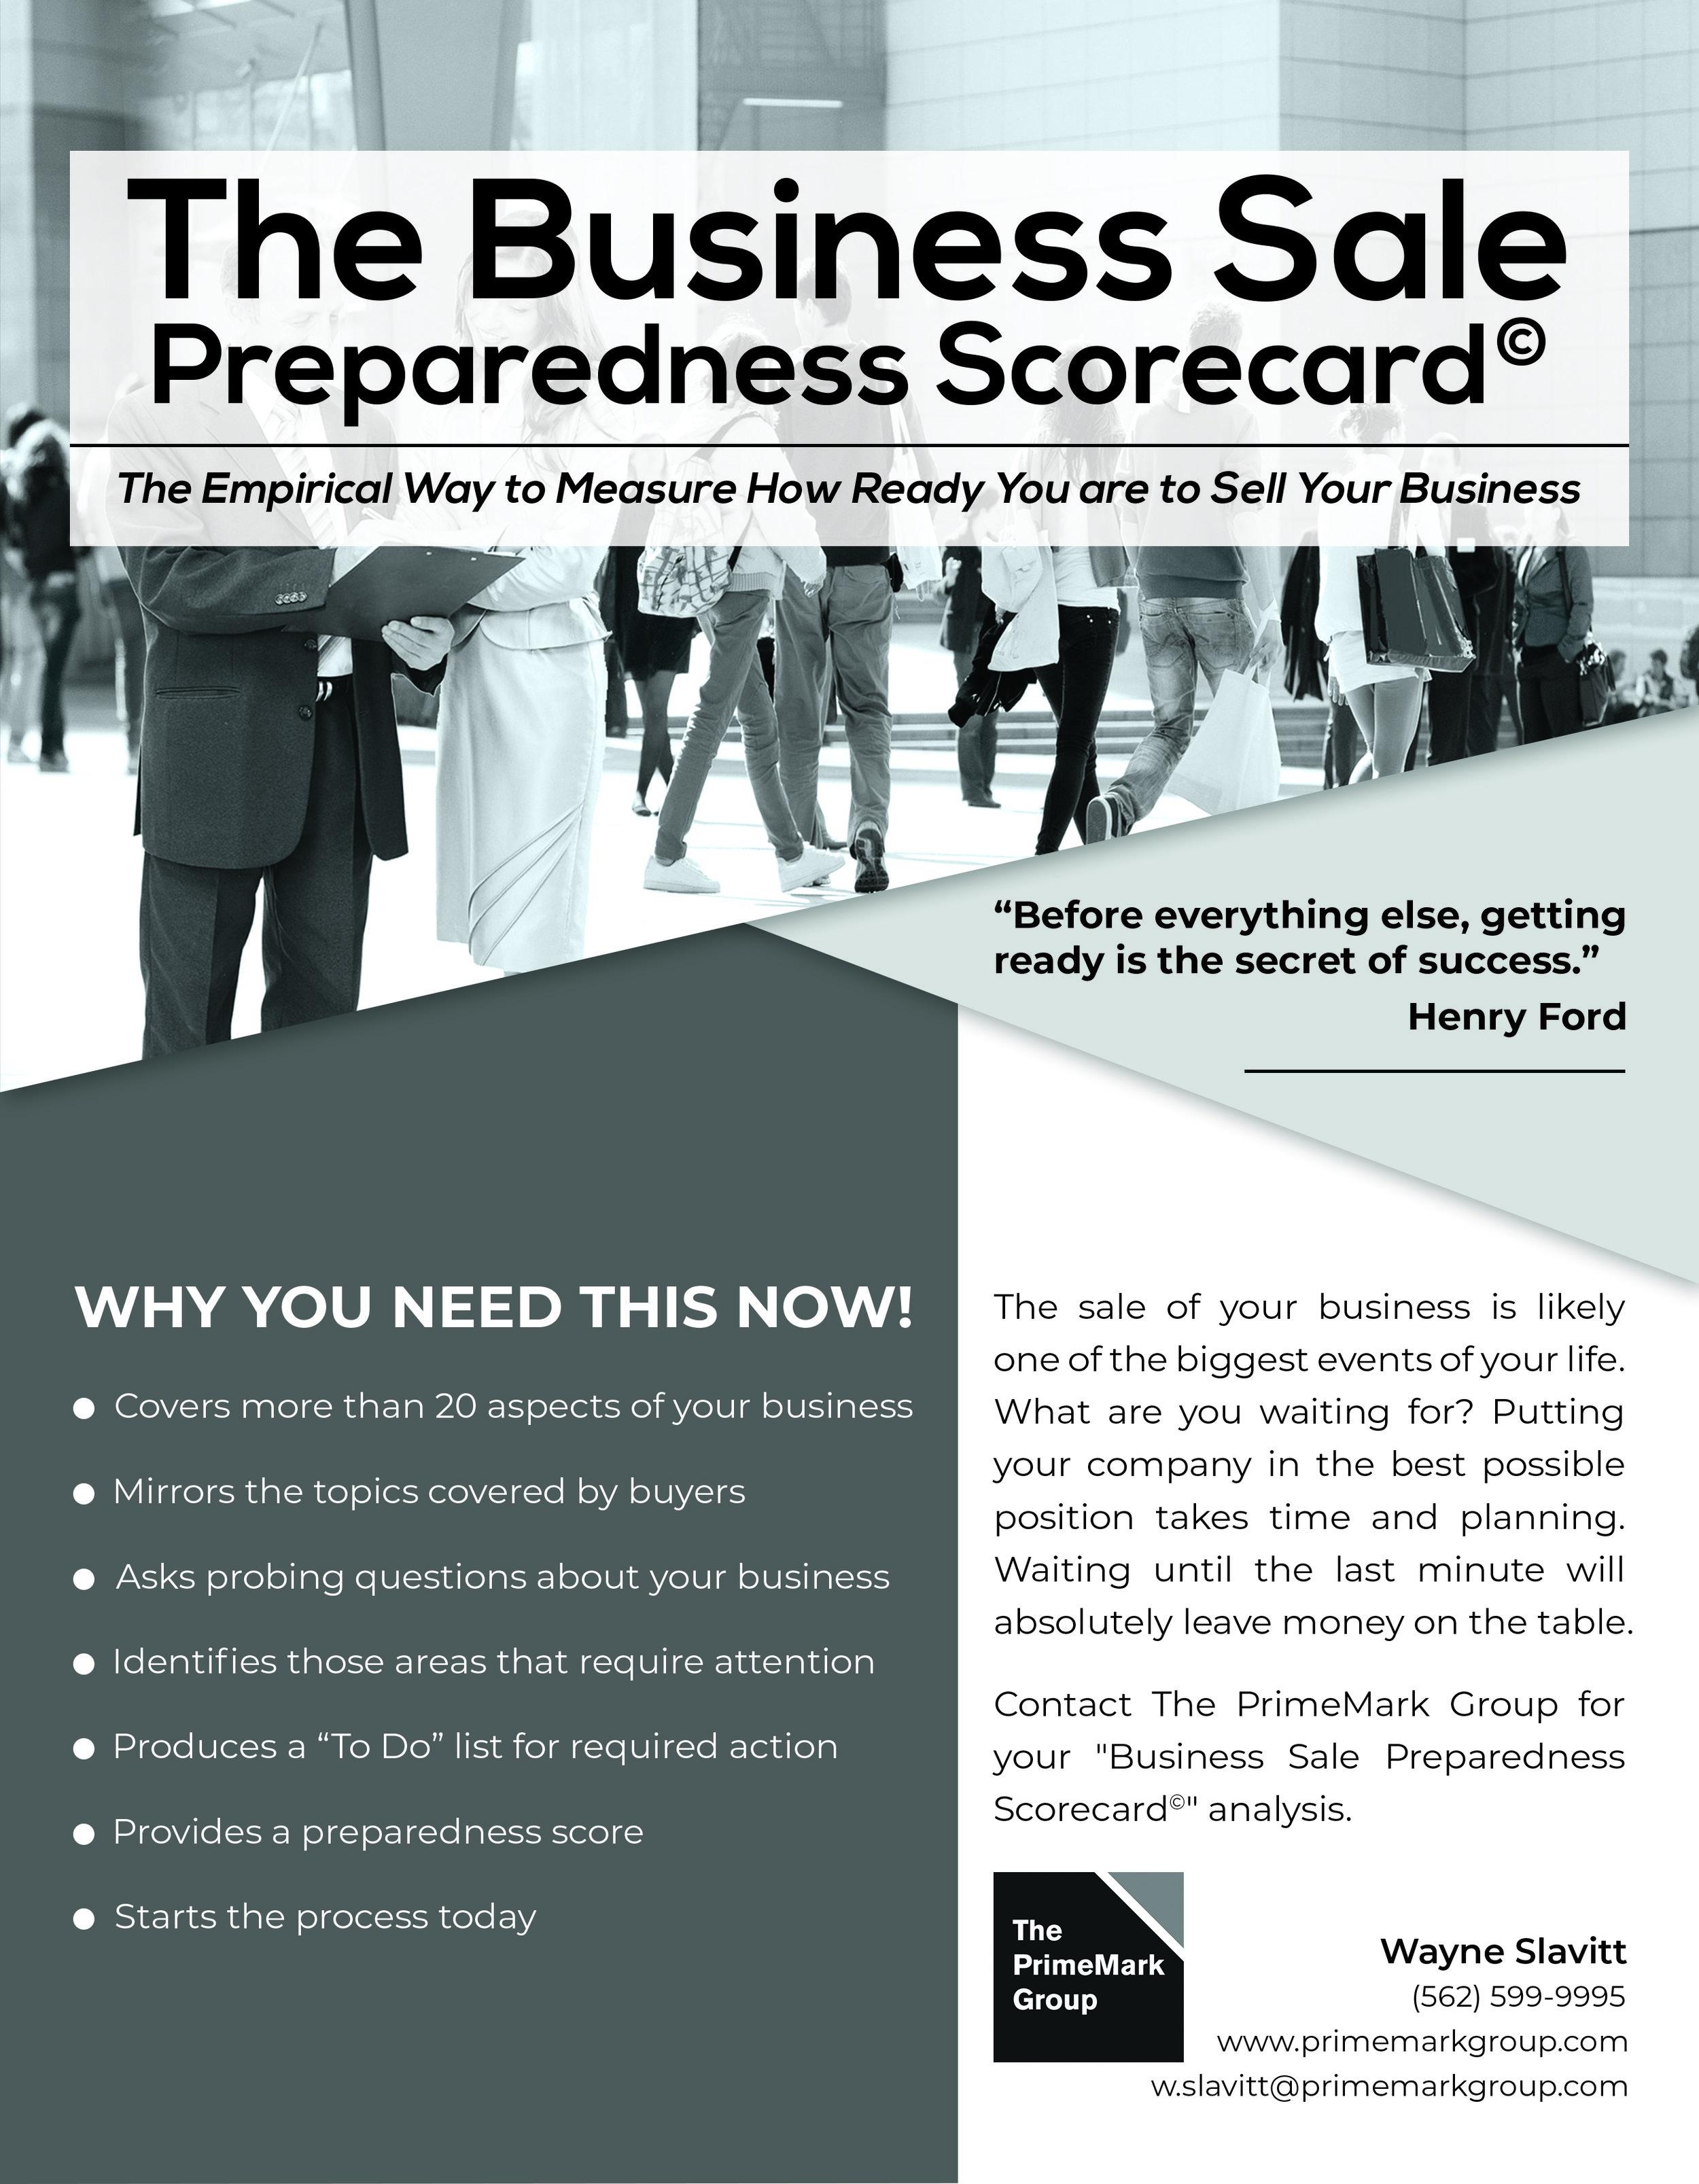 Business Preparedness Scorecard Flyer.jpg